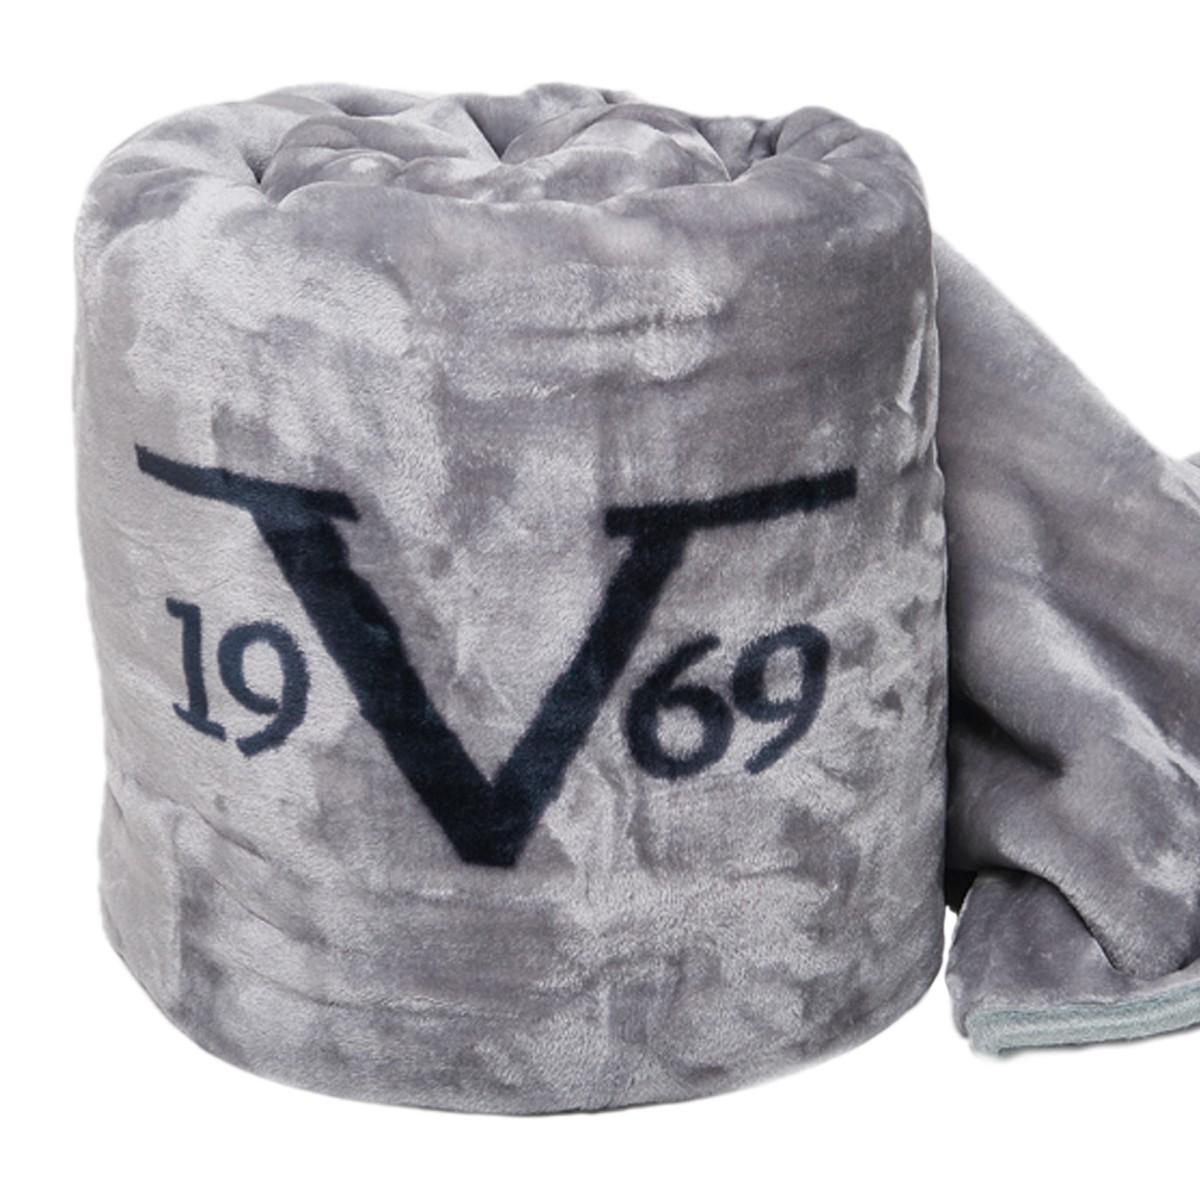 Κουβέρτα Βελουτέ Υπέρδιπλη V19.69 Velluto Grigio